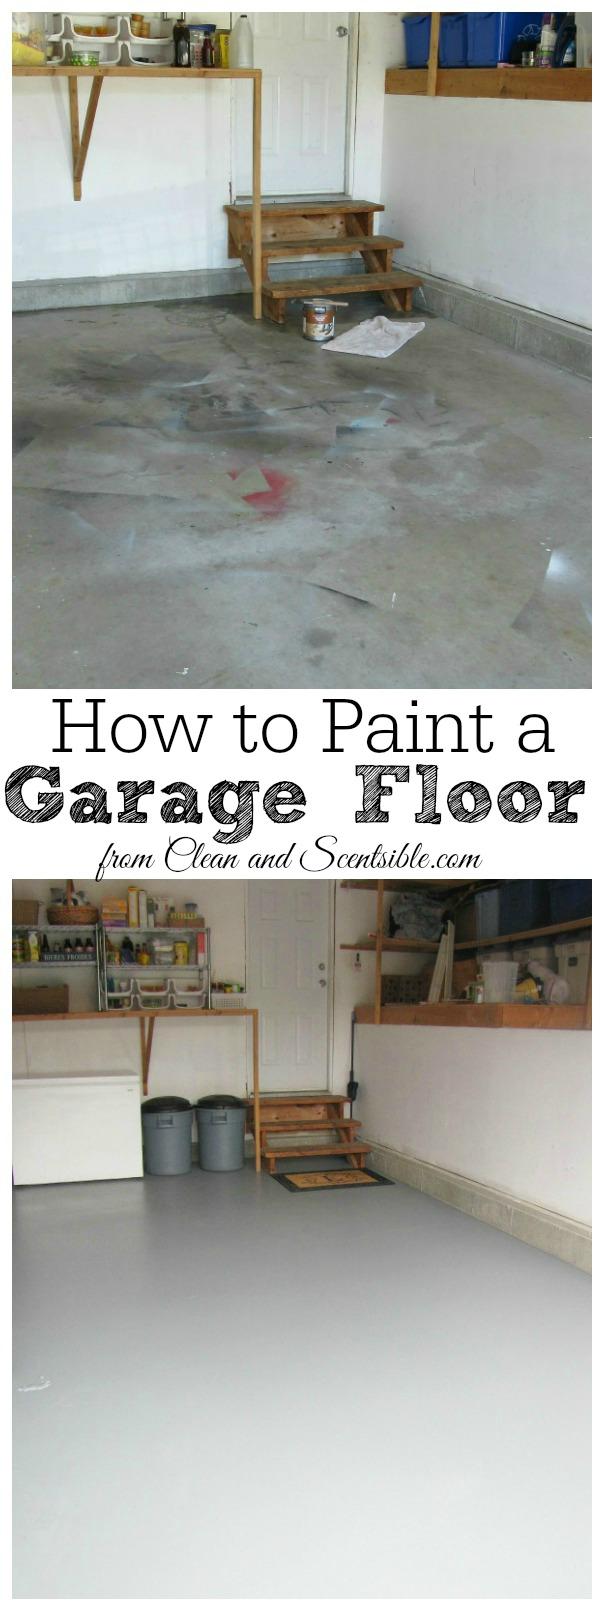 Excellent tutoriel sur la façon de peindre un plancher de garage. Je ne peux pas croire quelle différence cela fait!